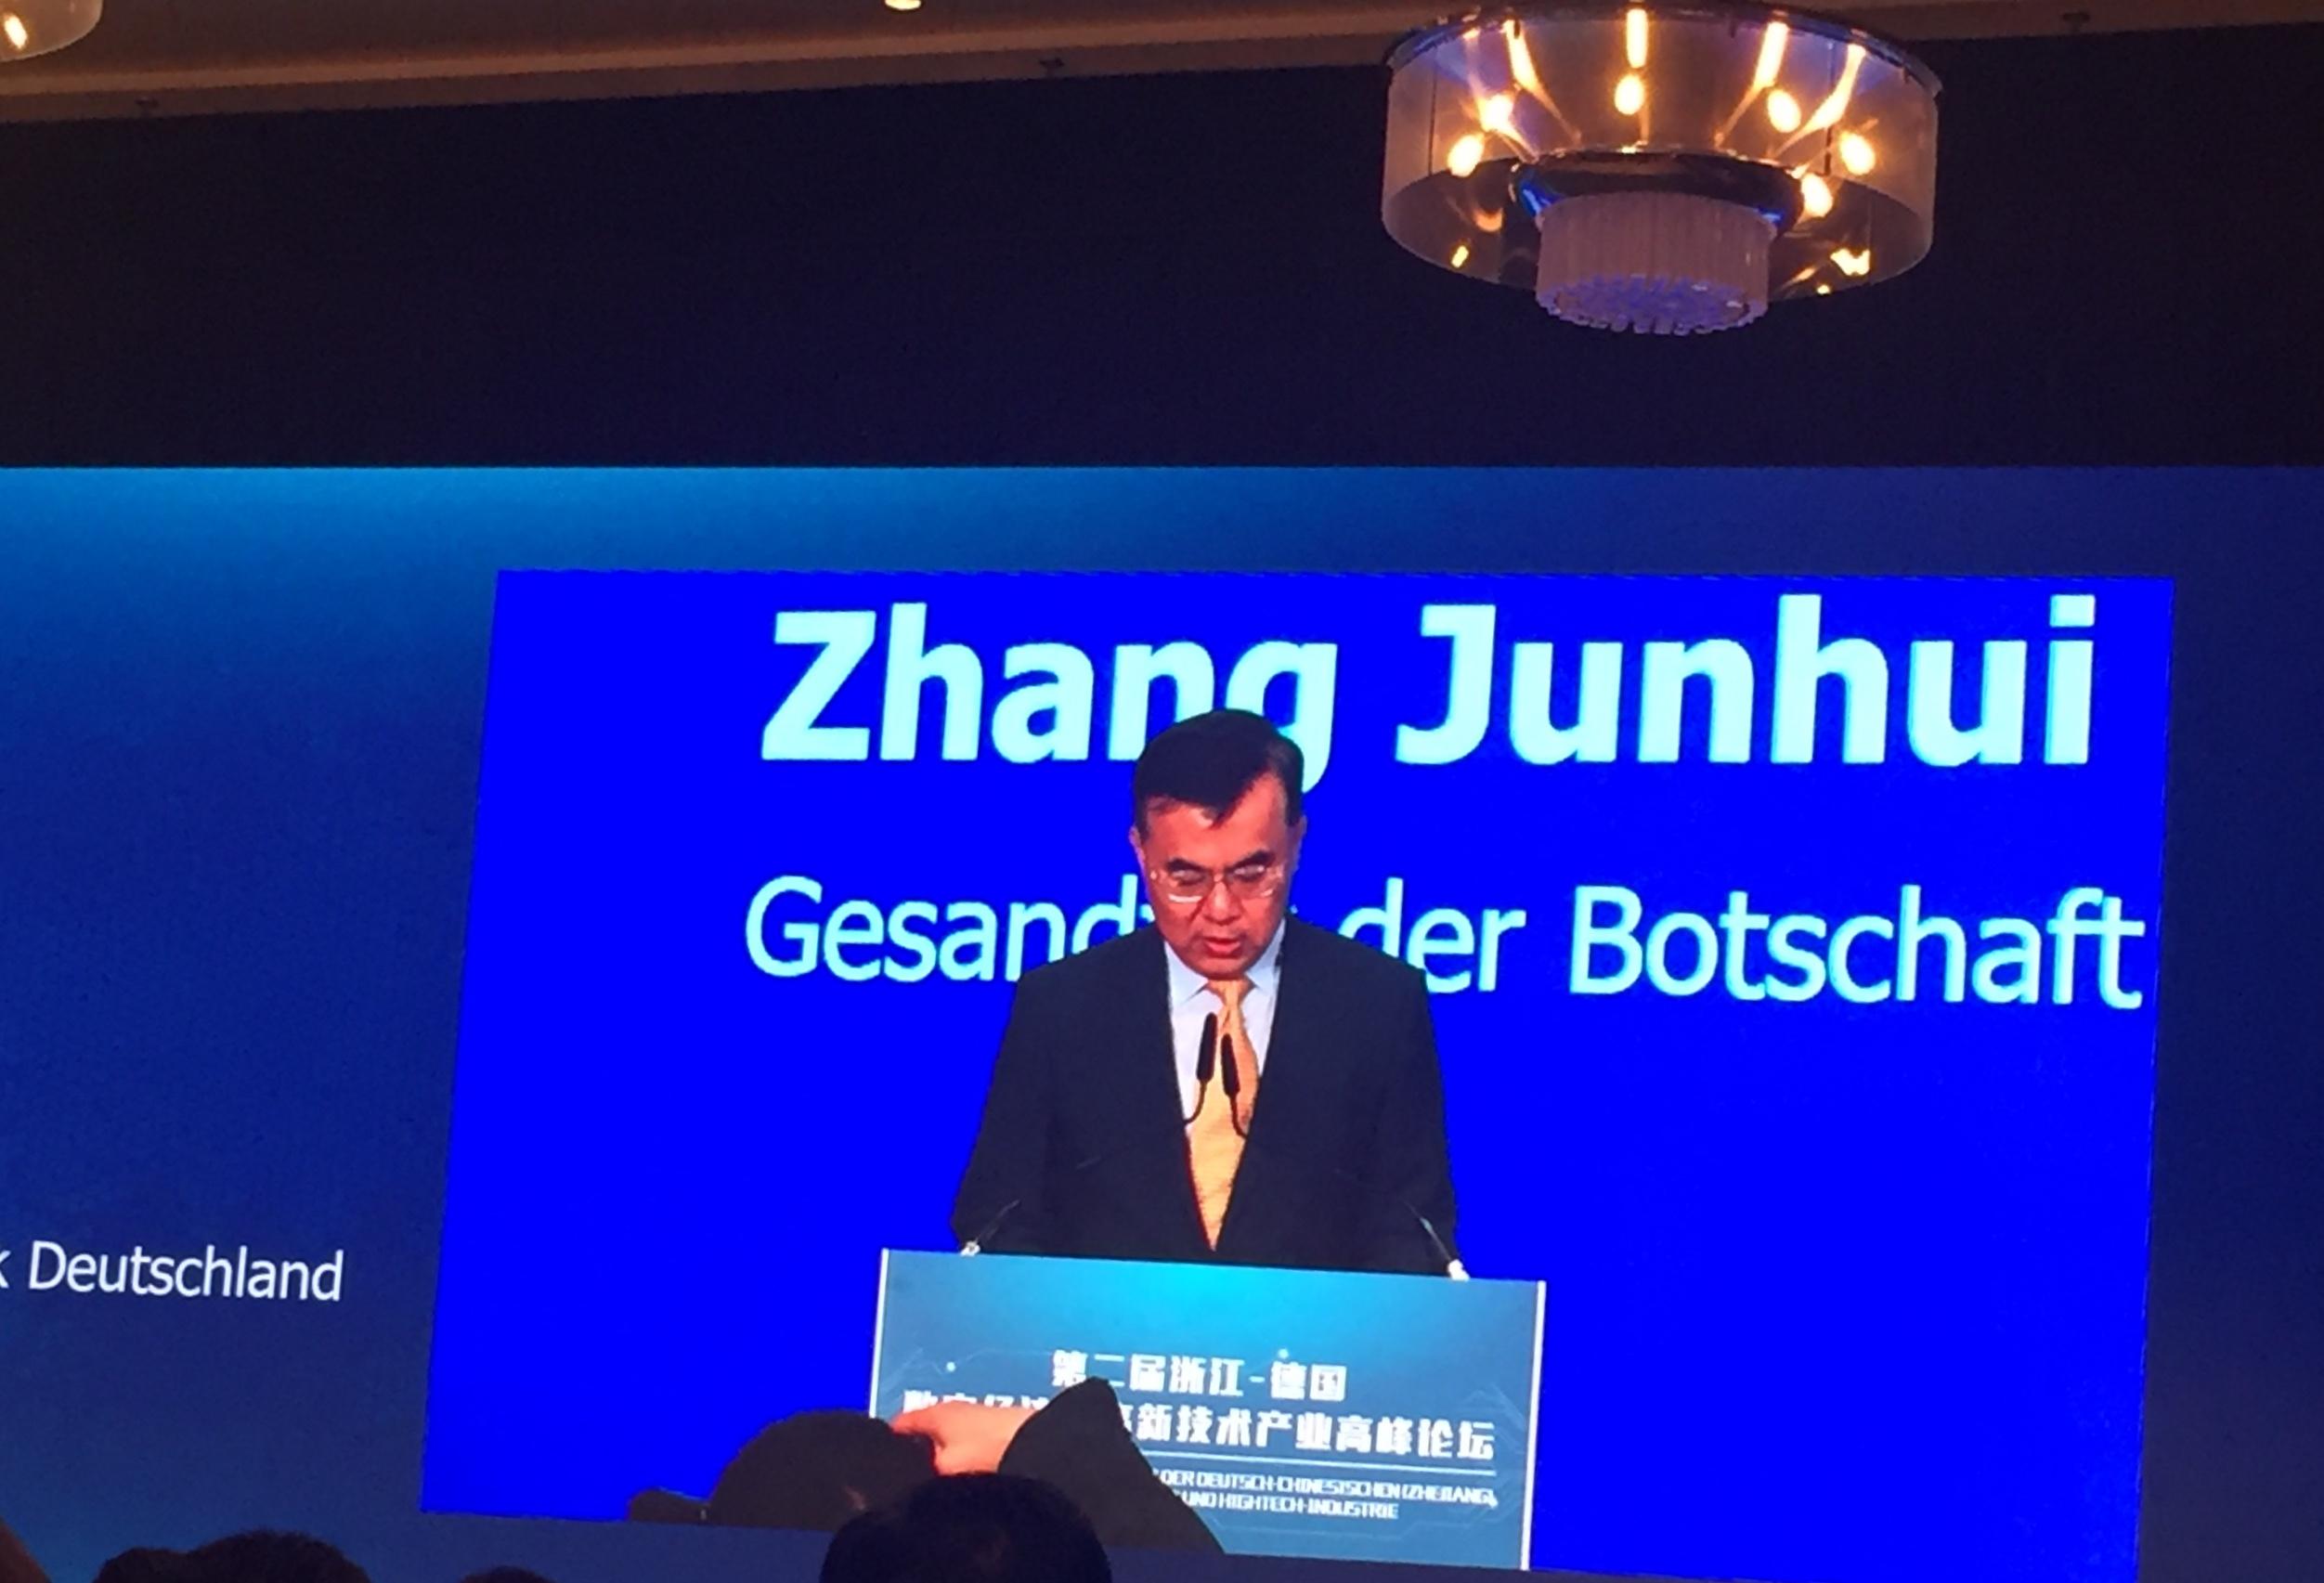 Begrüßung durch den Gesandten ZHANG Junhui